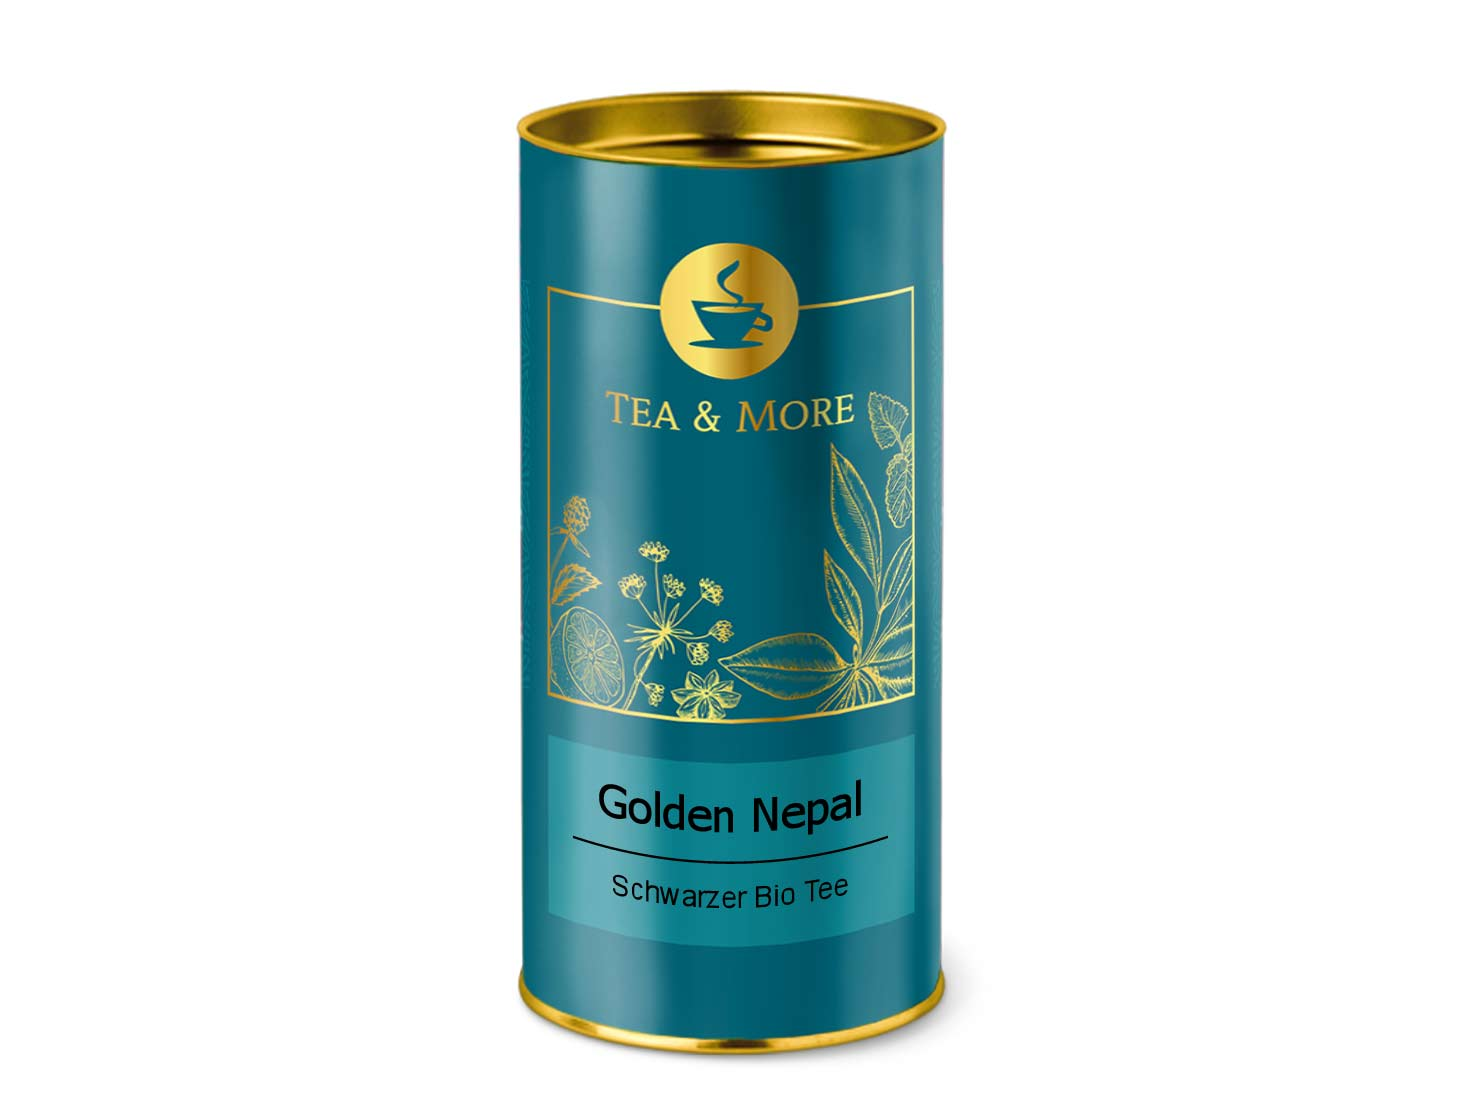 Golden Nepal - Shangri La